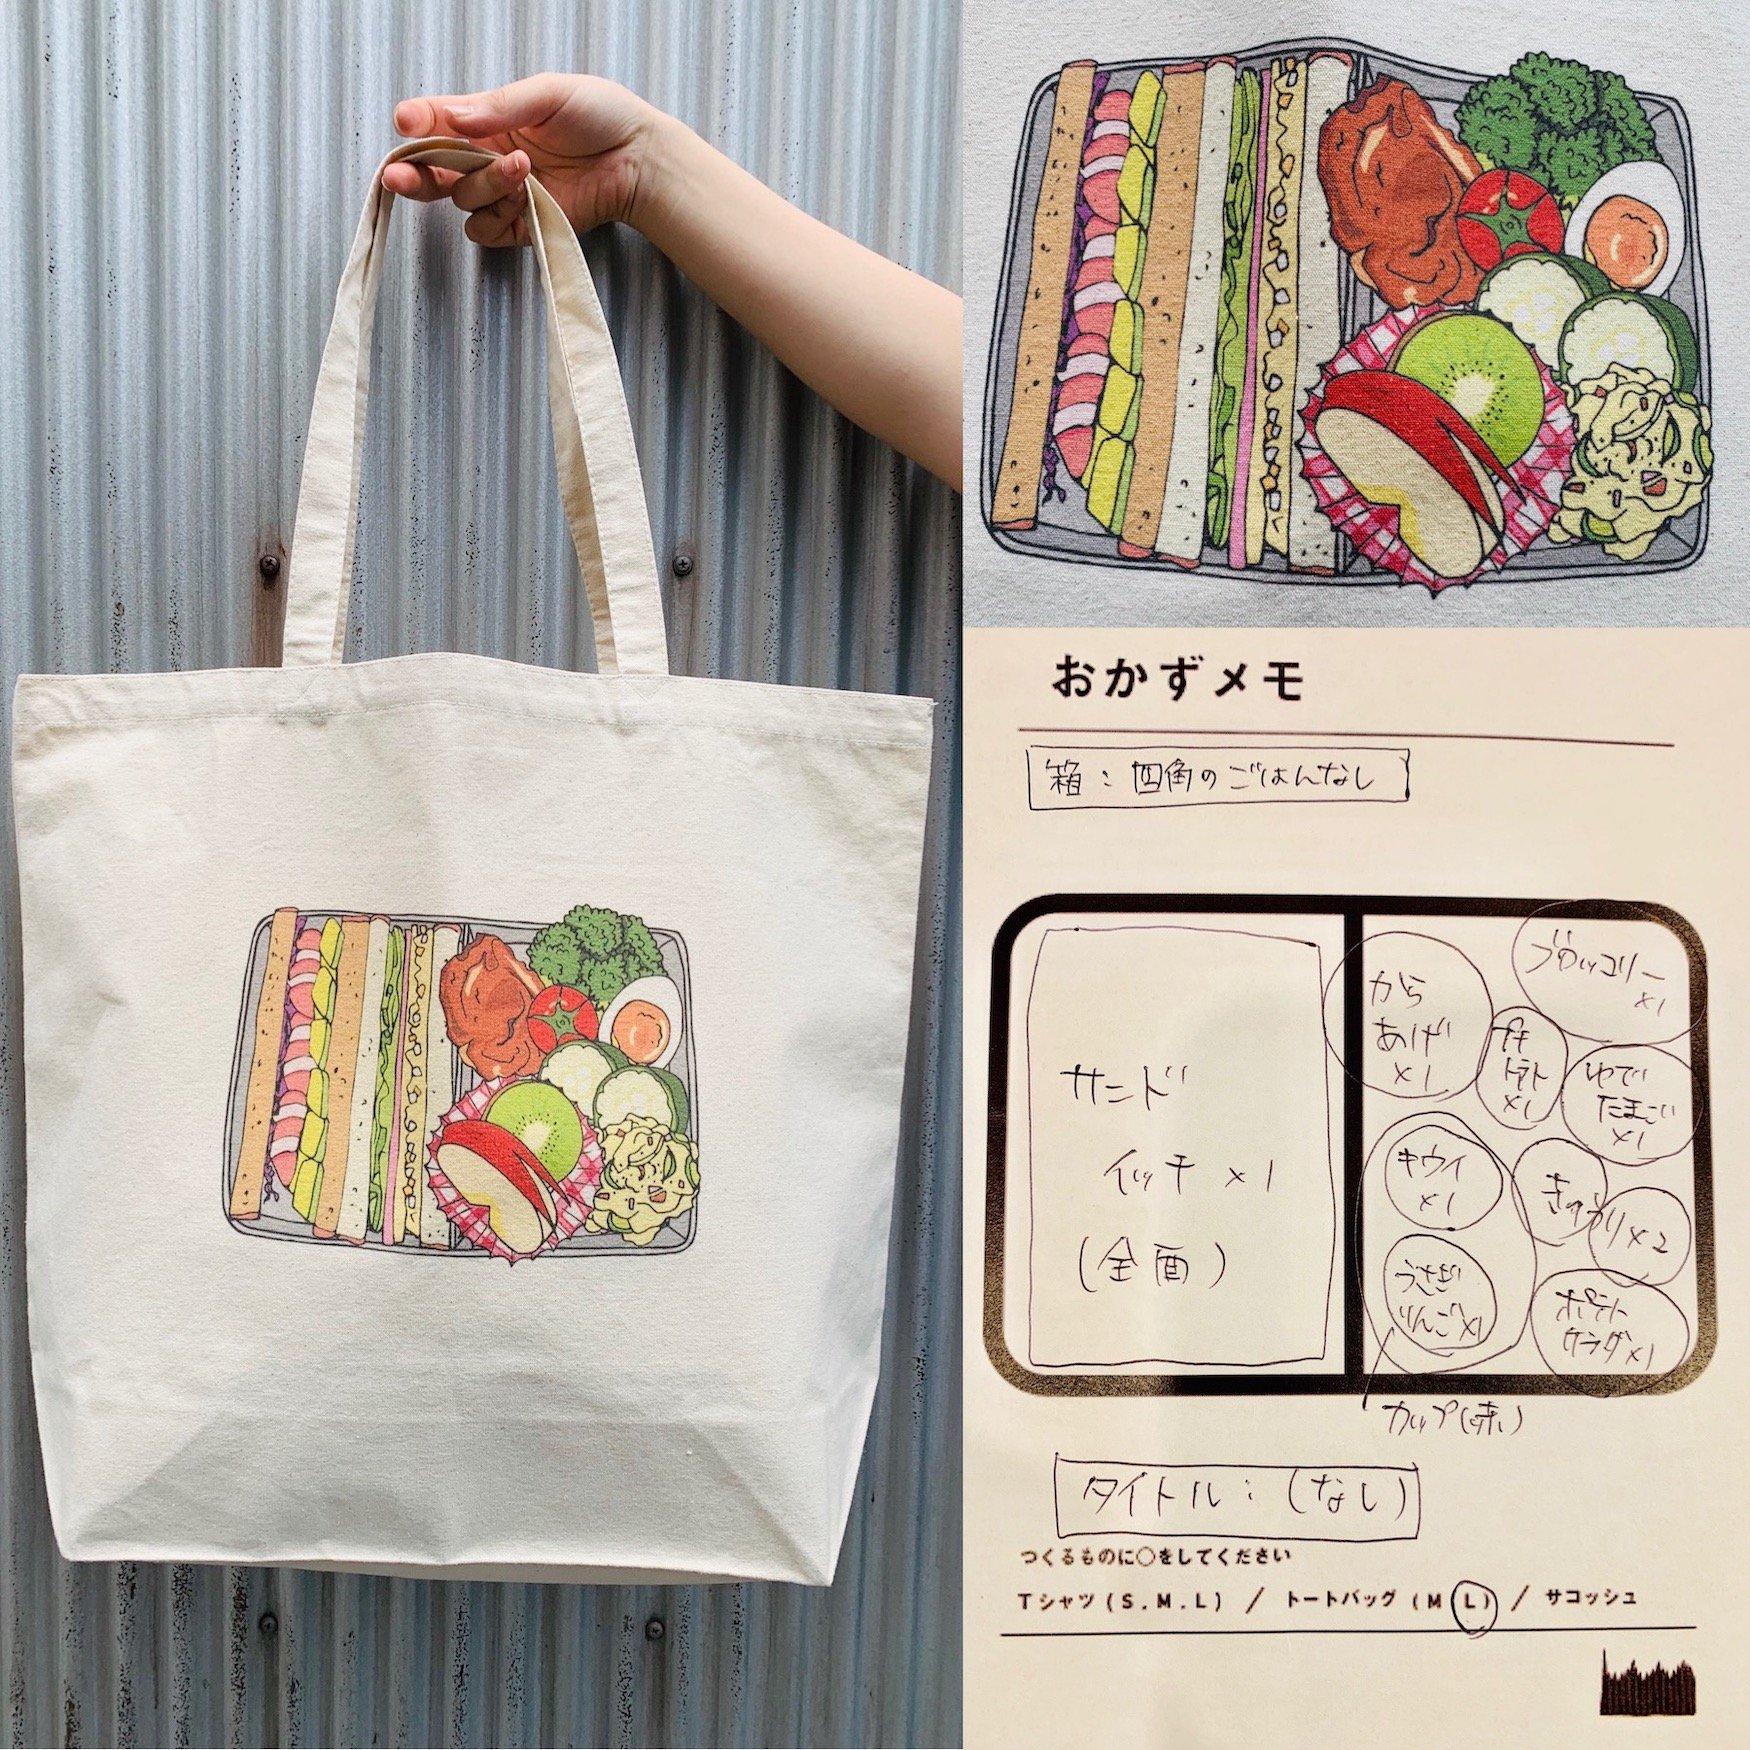 「好きなお弁当のおかず」を詰め込んだトートバッグが可愛すぎる!!!